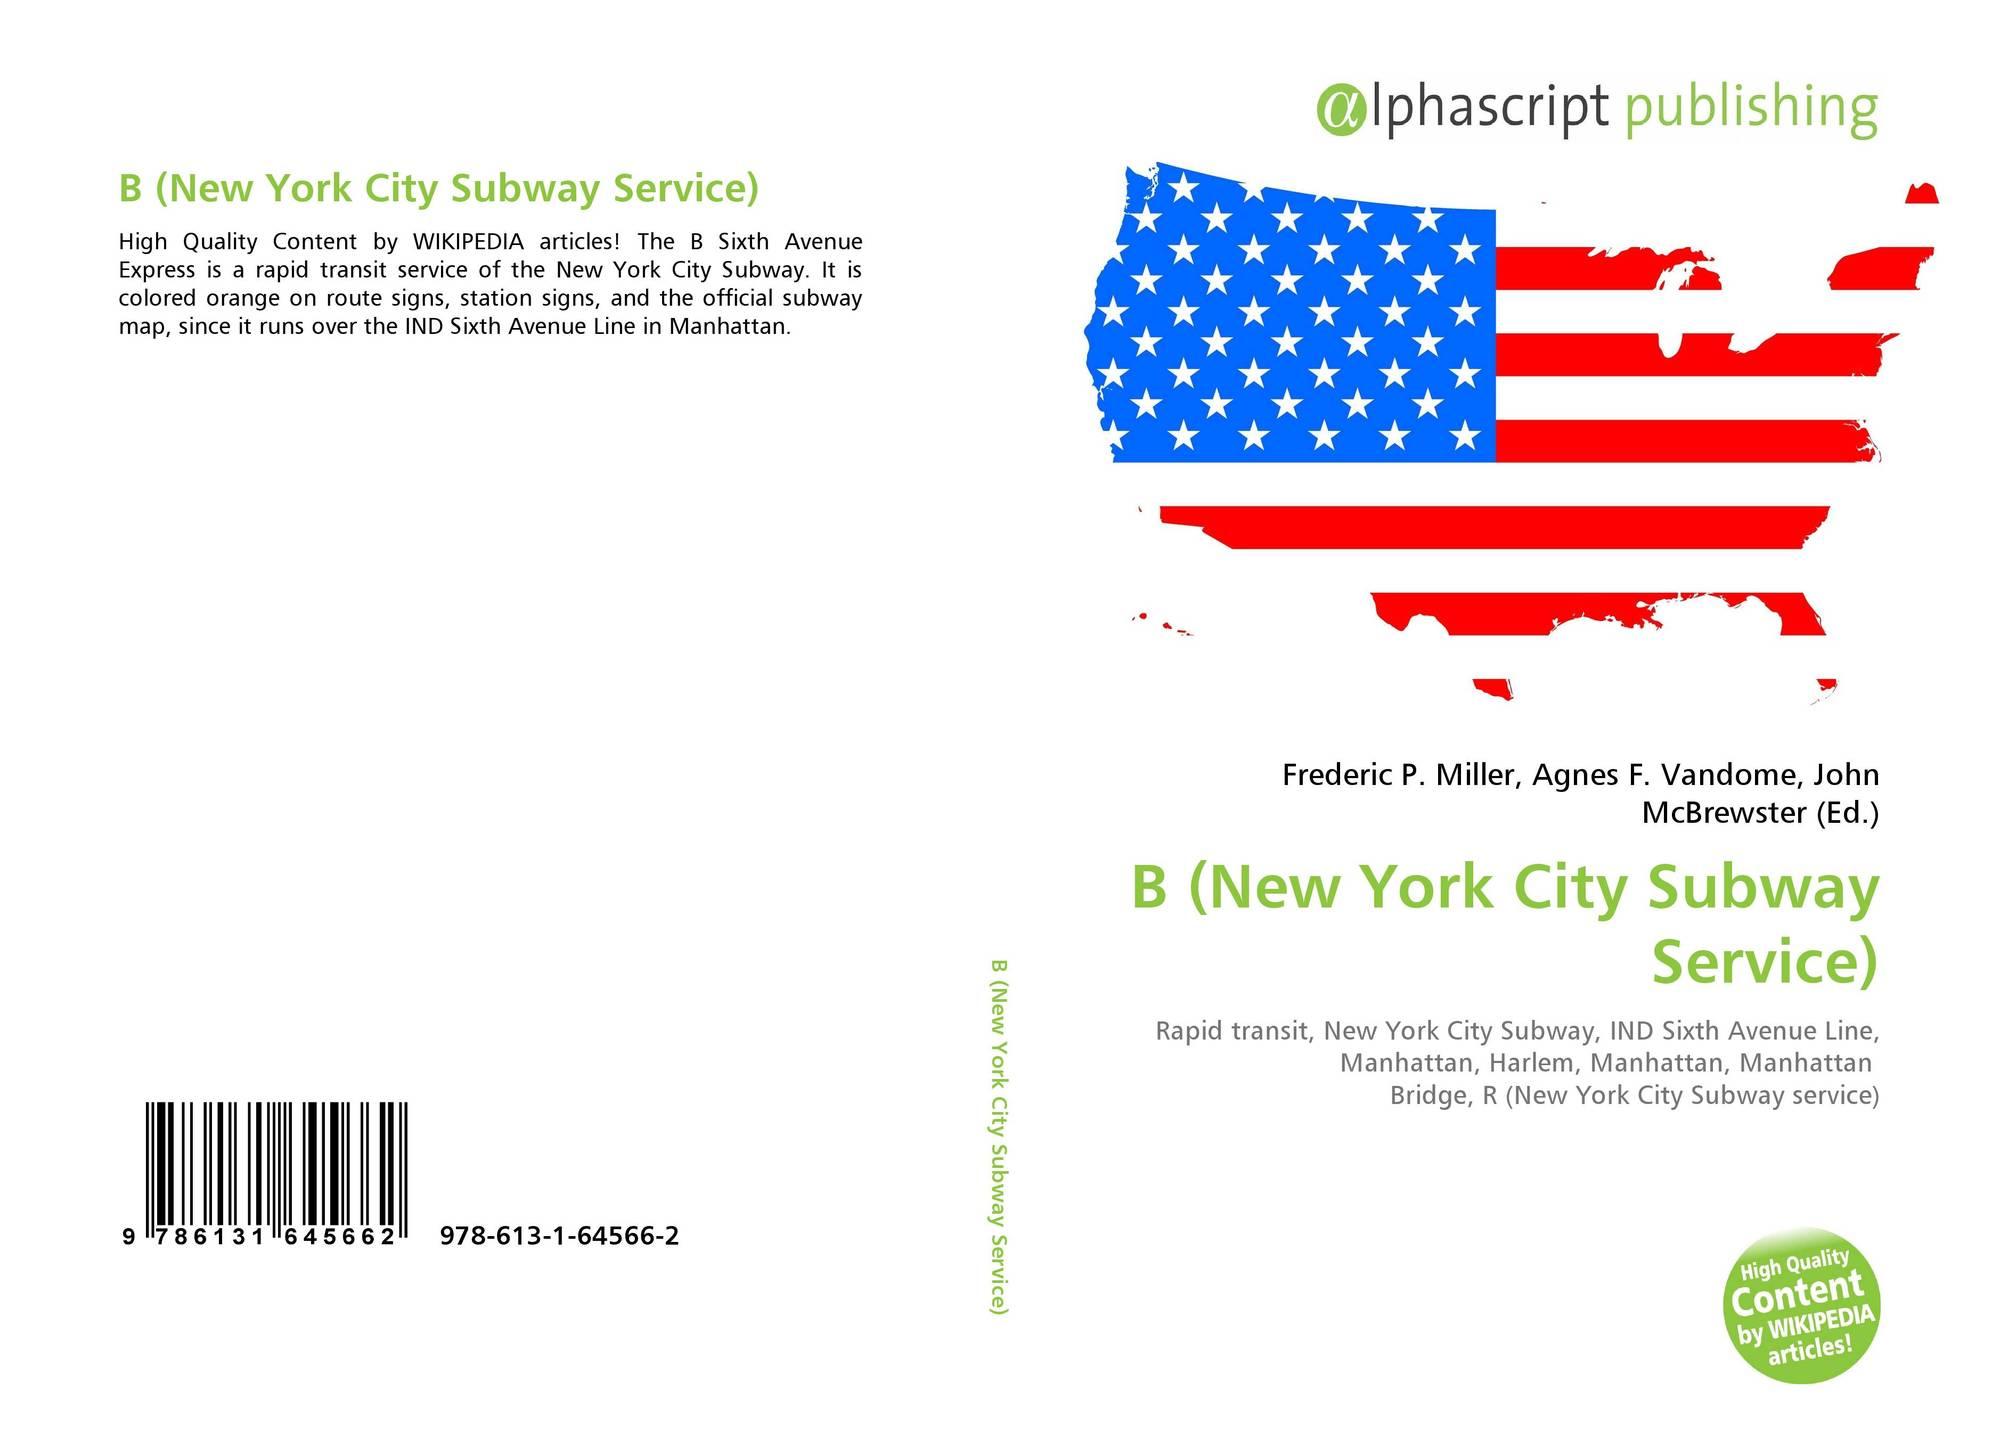 Chatham Square Subway Map.B New York City Subway Service 978 613 1 64566 2 6131645663